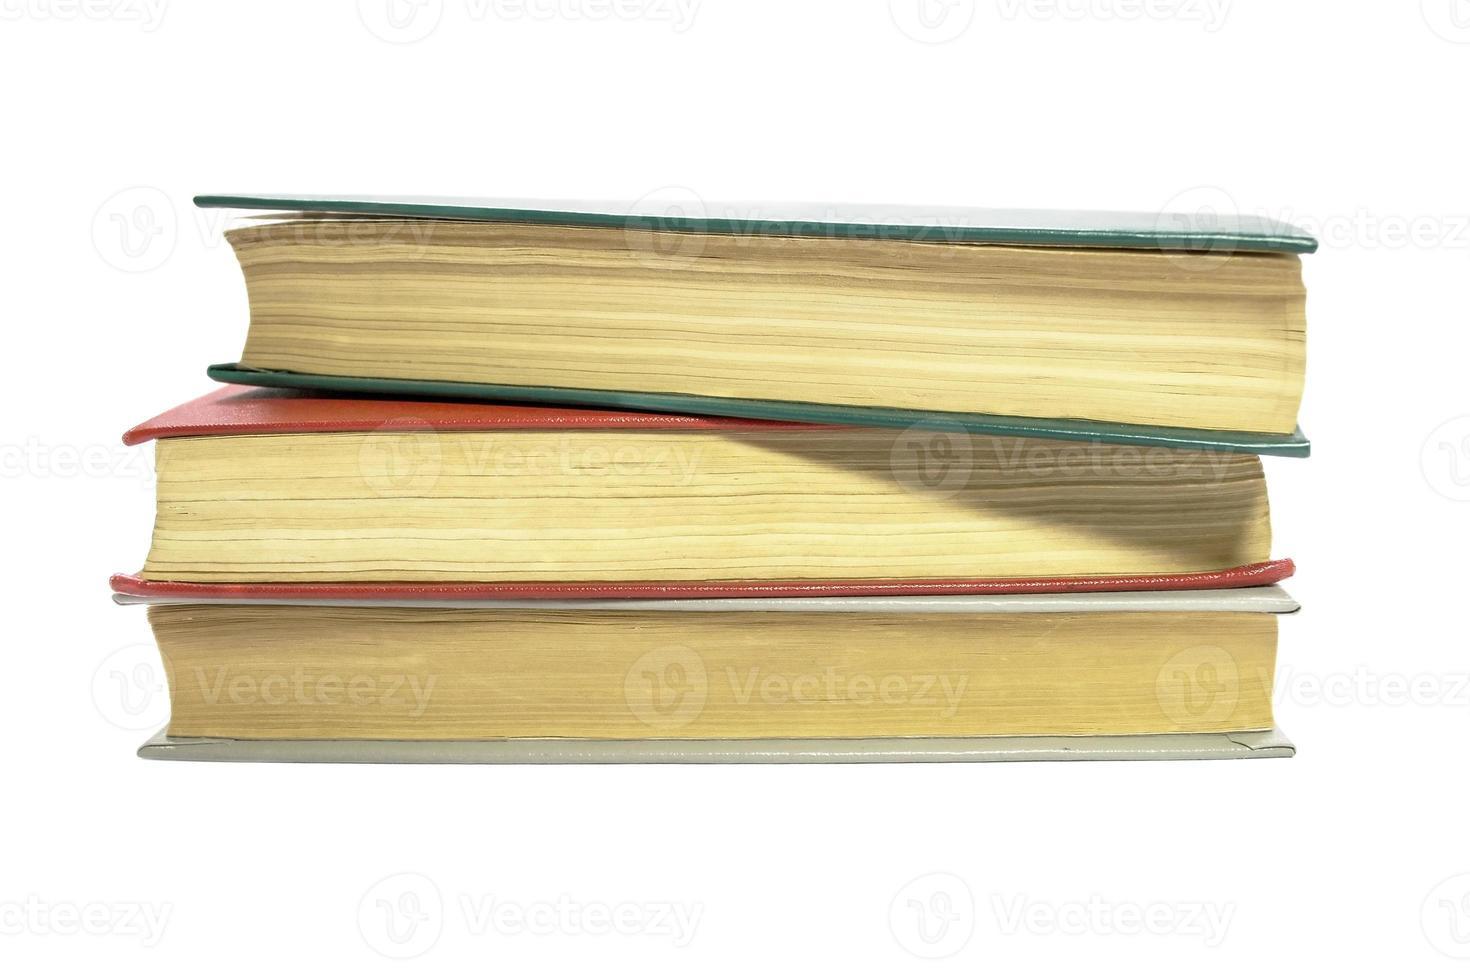 libri su bianco foto